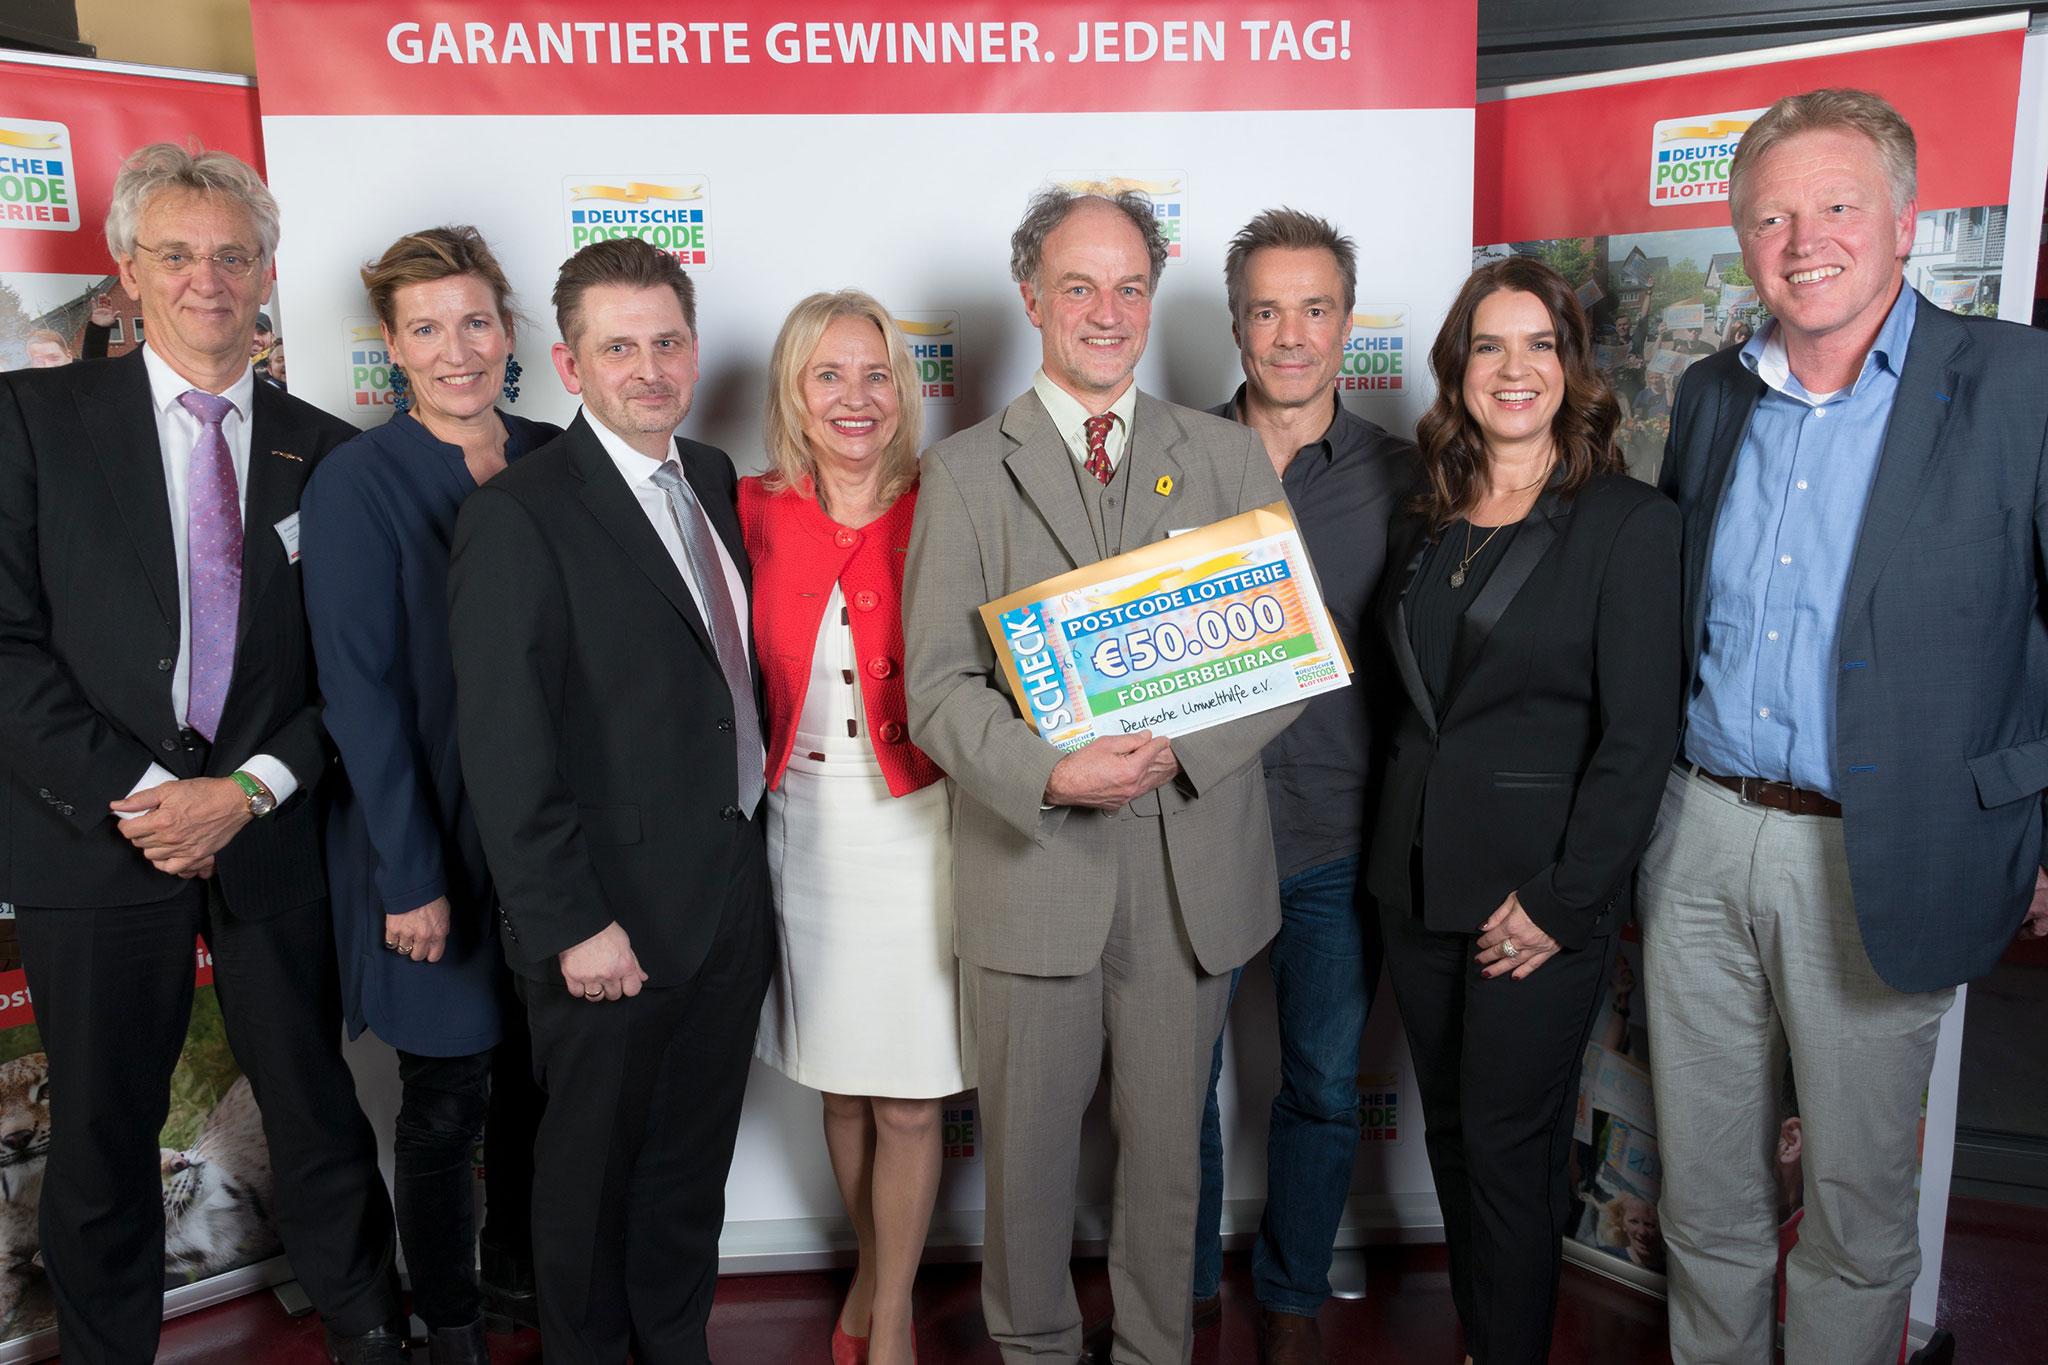 Deutsche Postcode Lottery